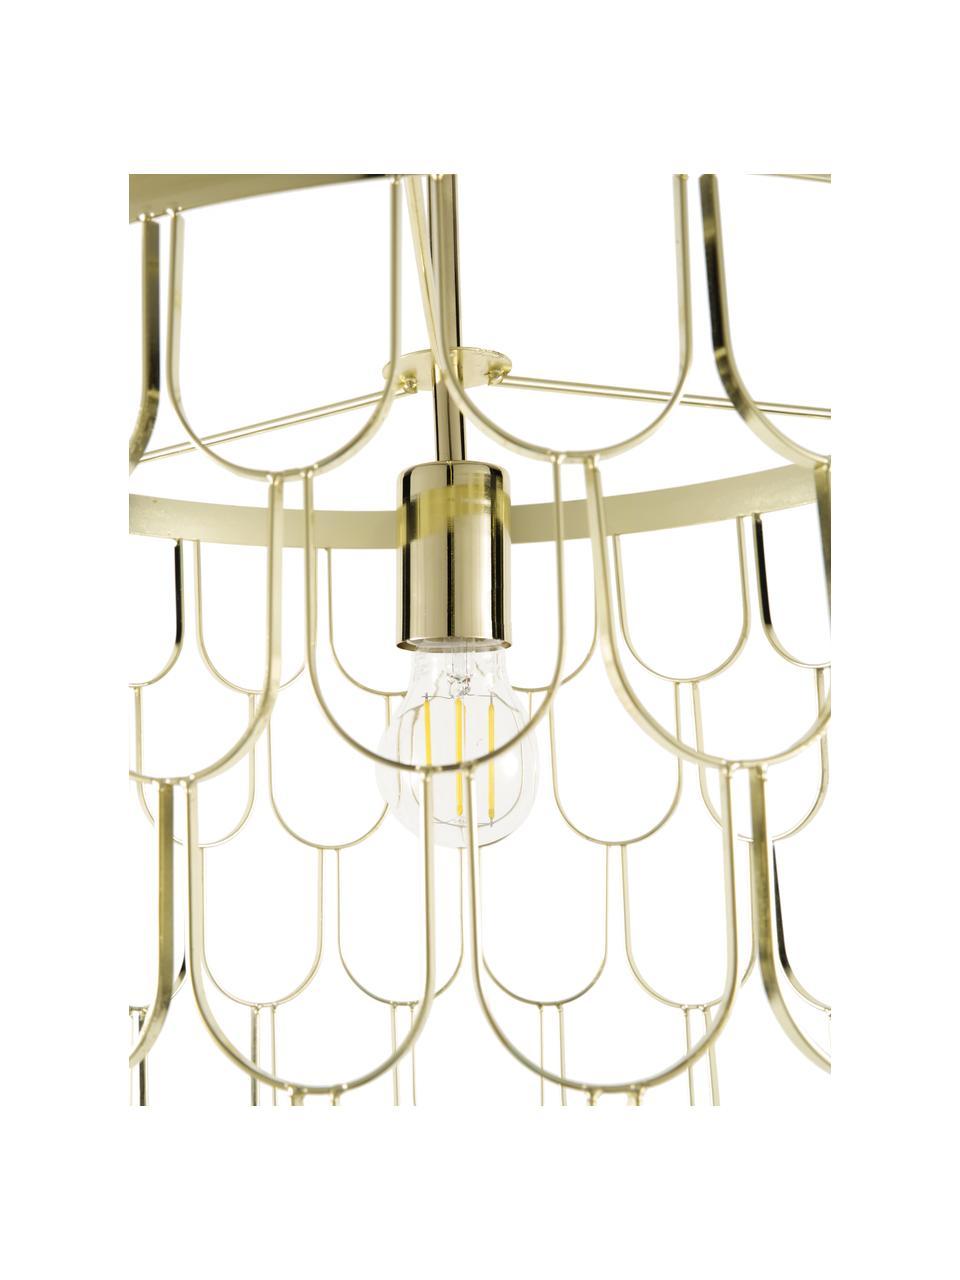 Lampada a sospensione di design Gatsby, Paralume: metallo, Baldacchino: metallo, Ottone, Ø 45 x Alt. 32 cm